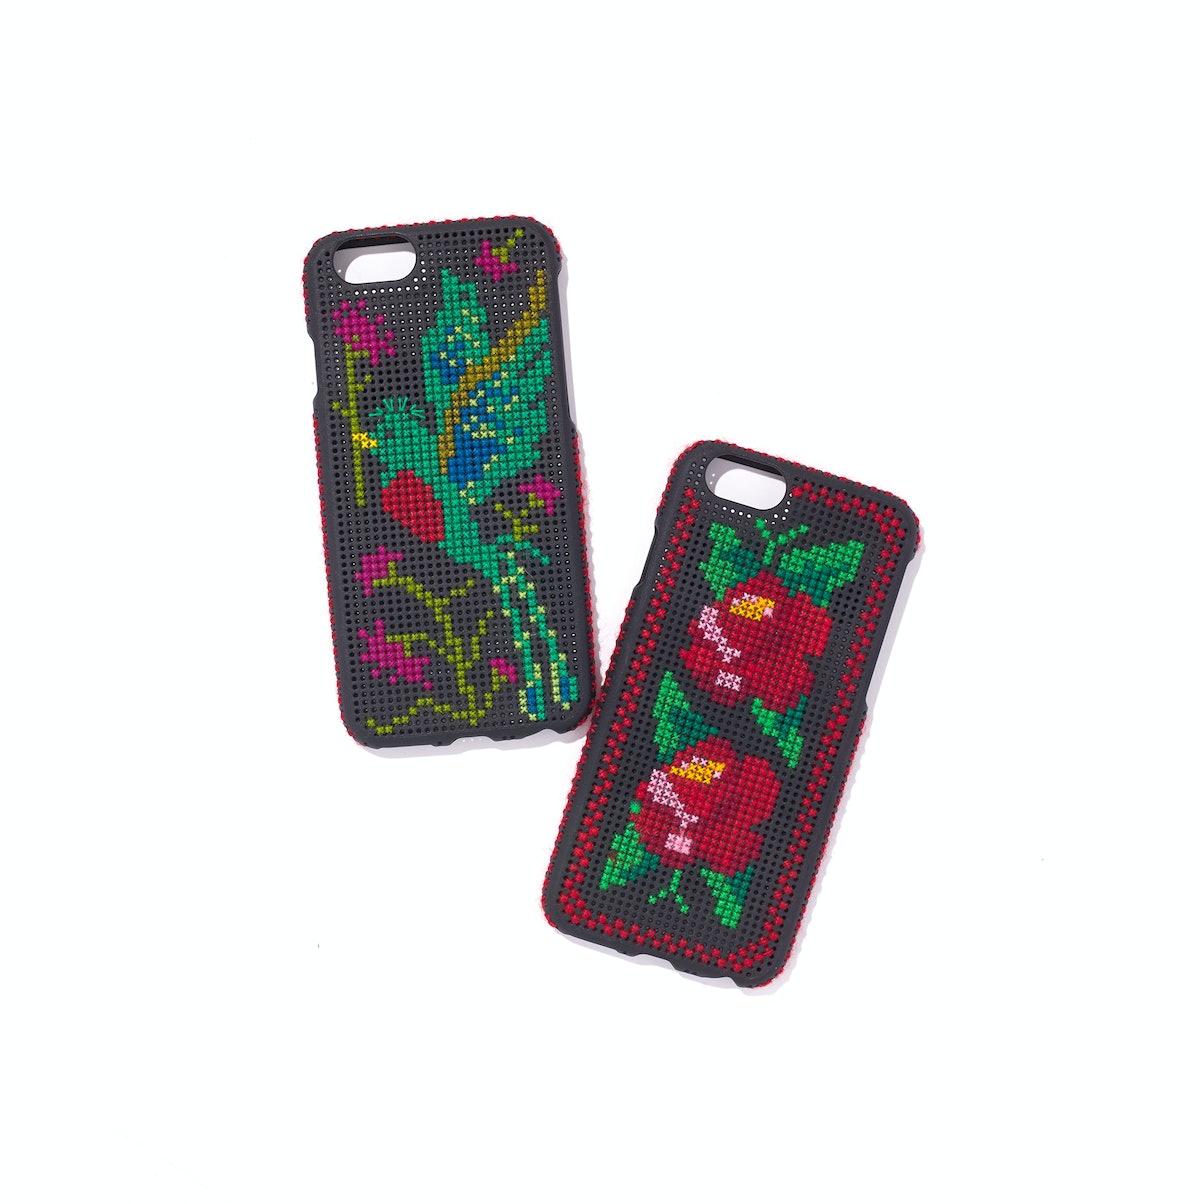 Aerin-phone-cases